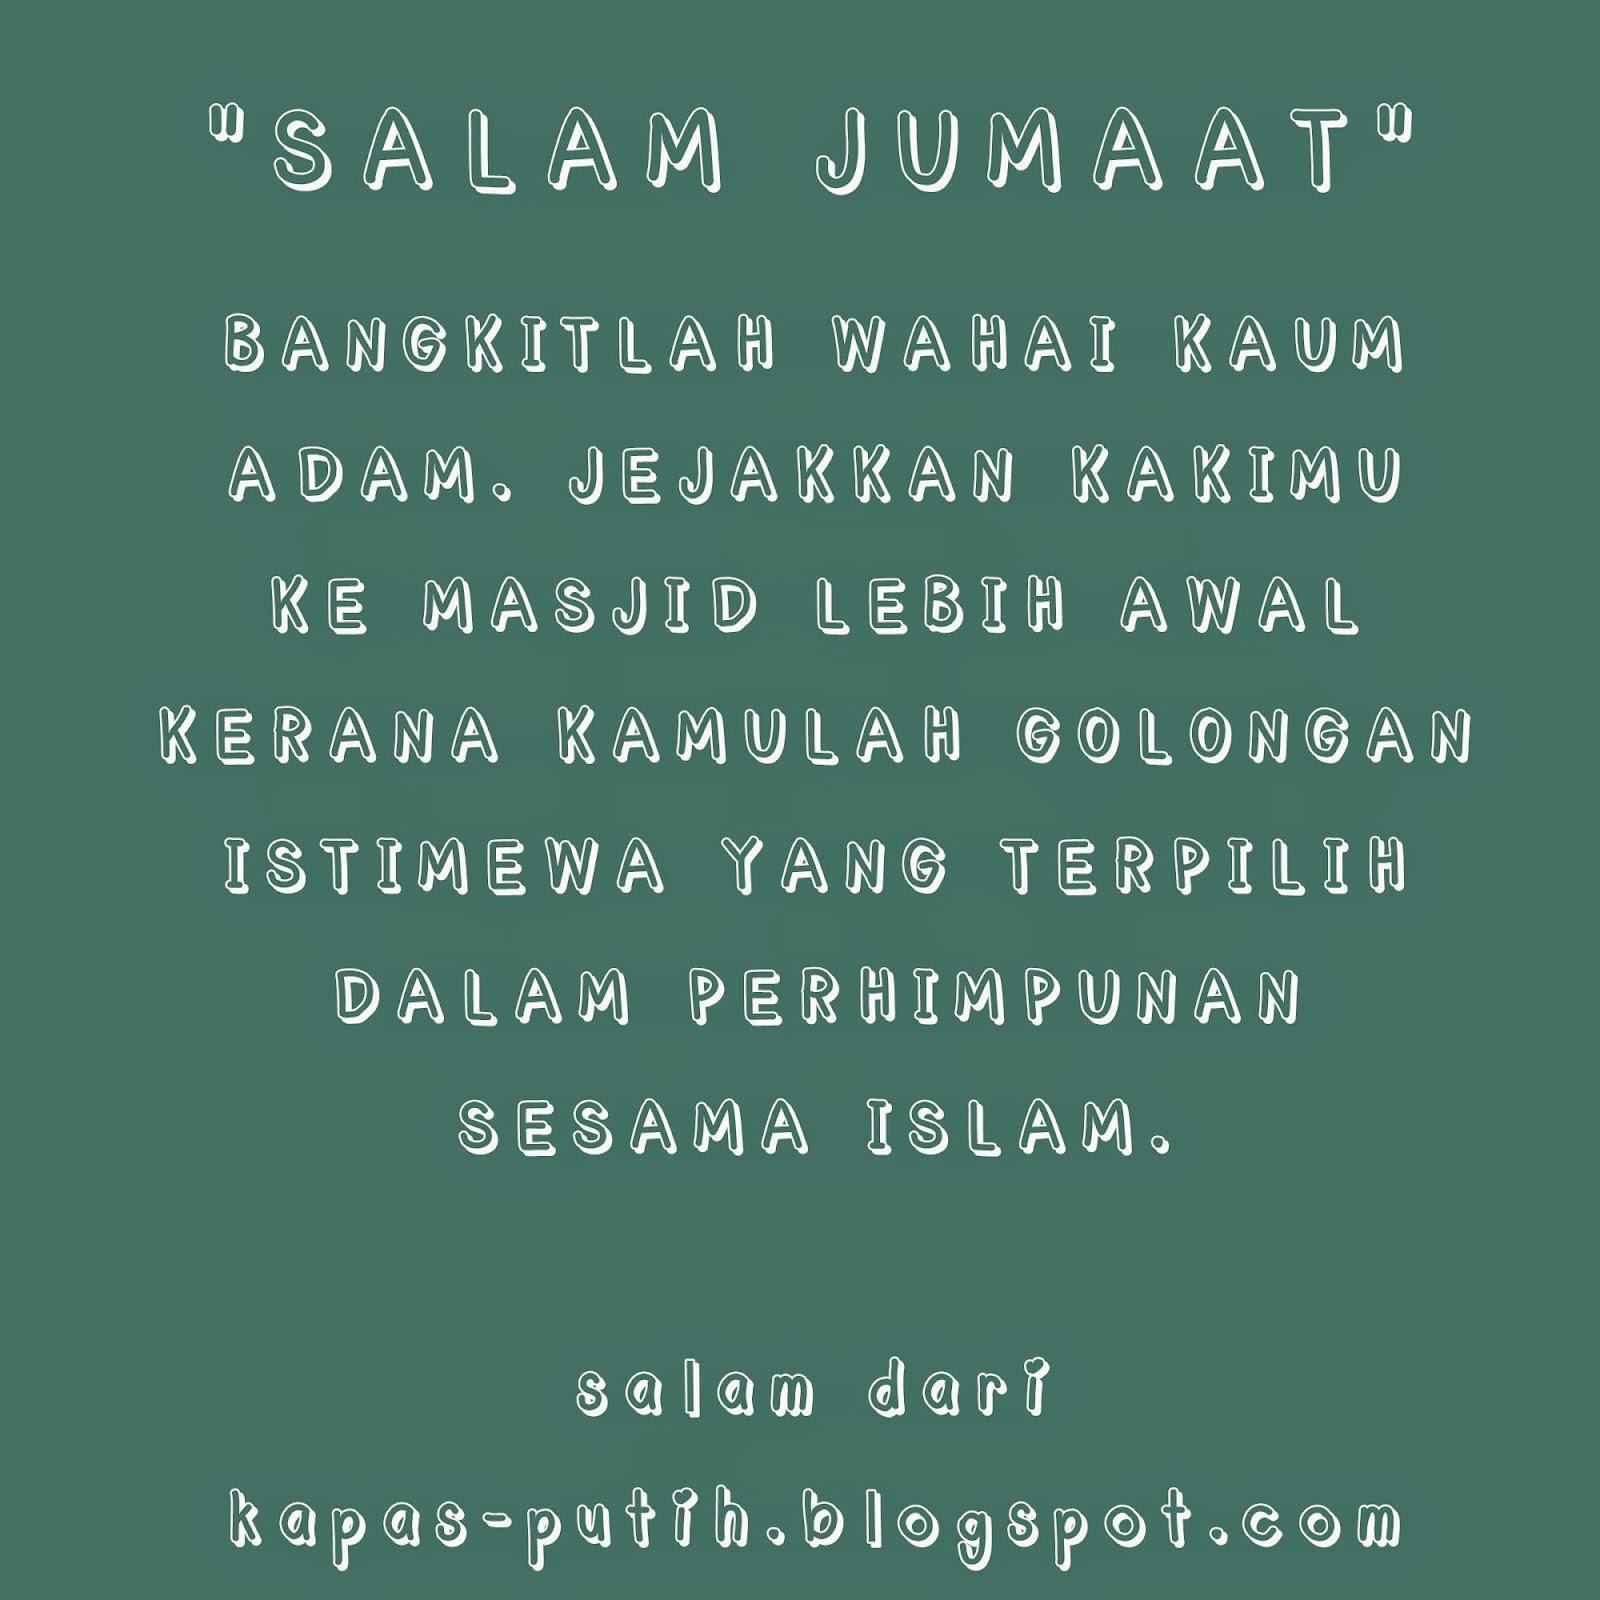 Salam Jumaat